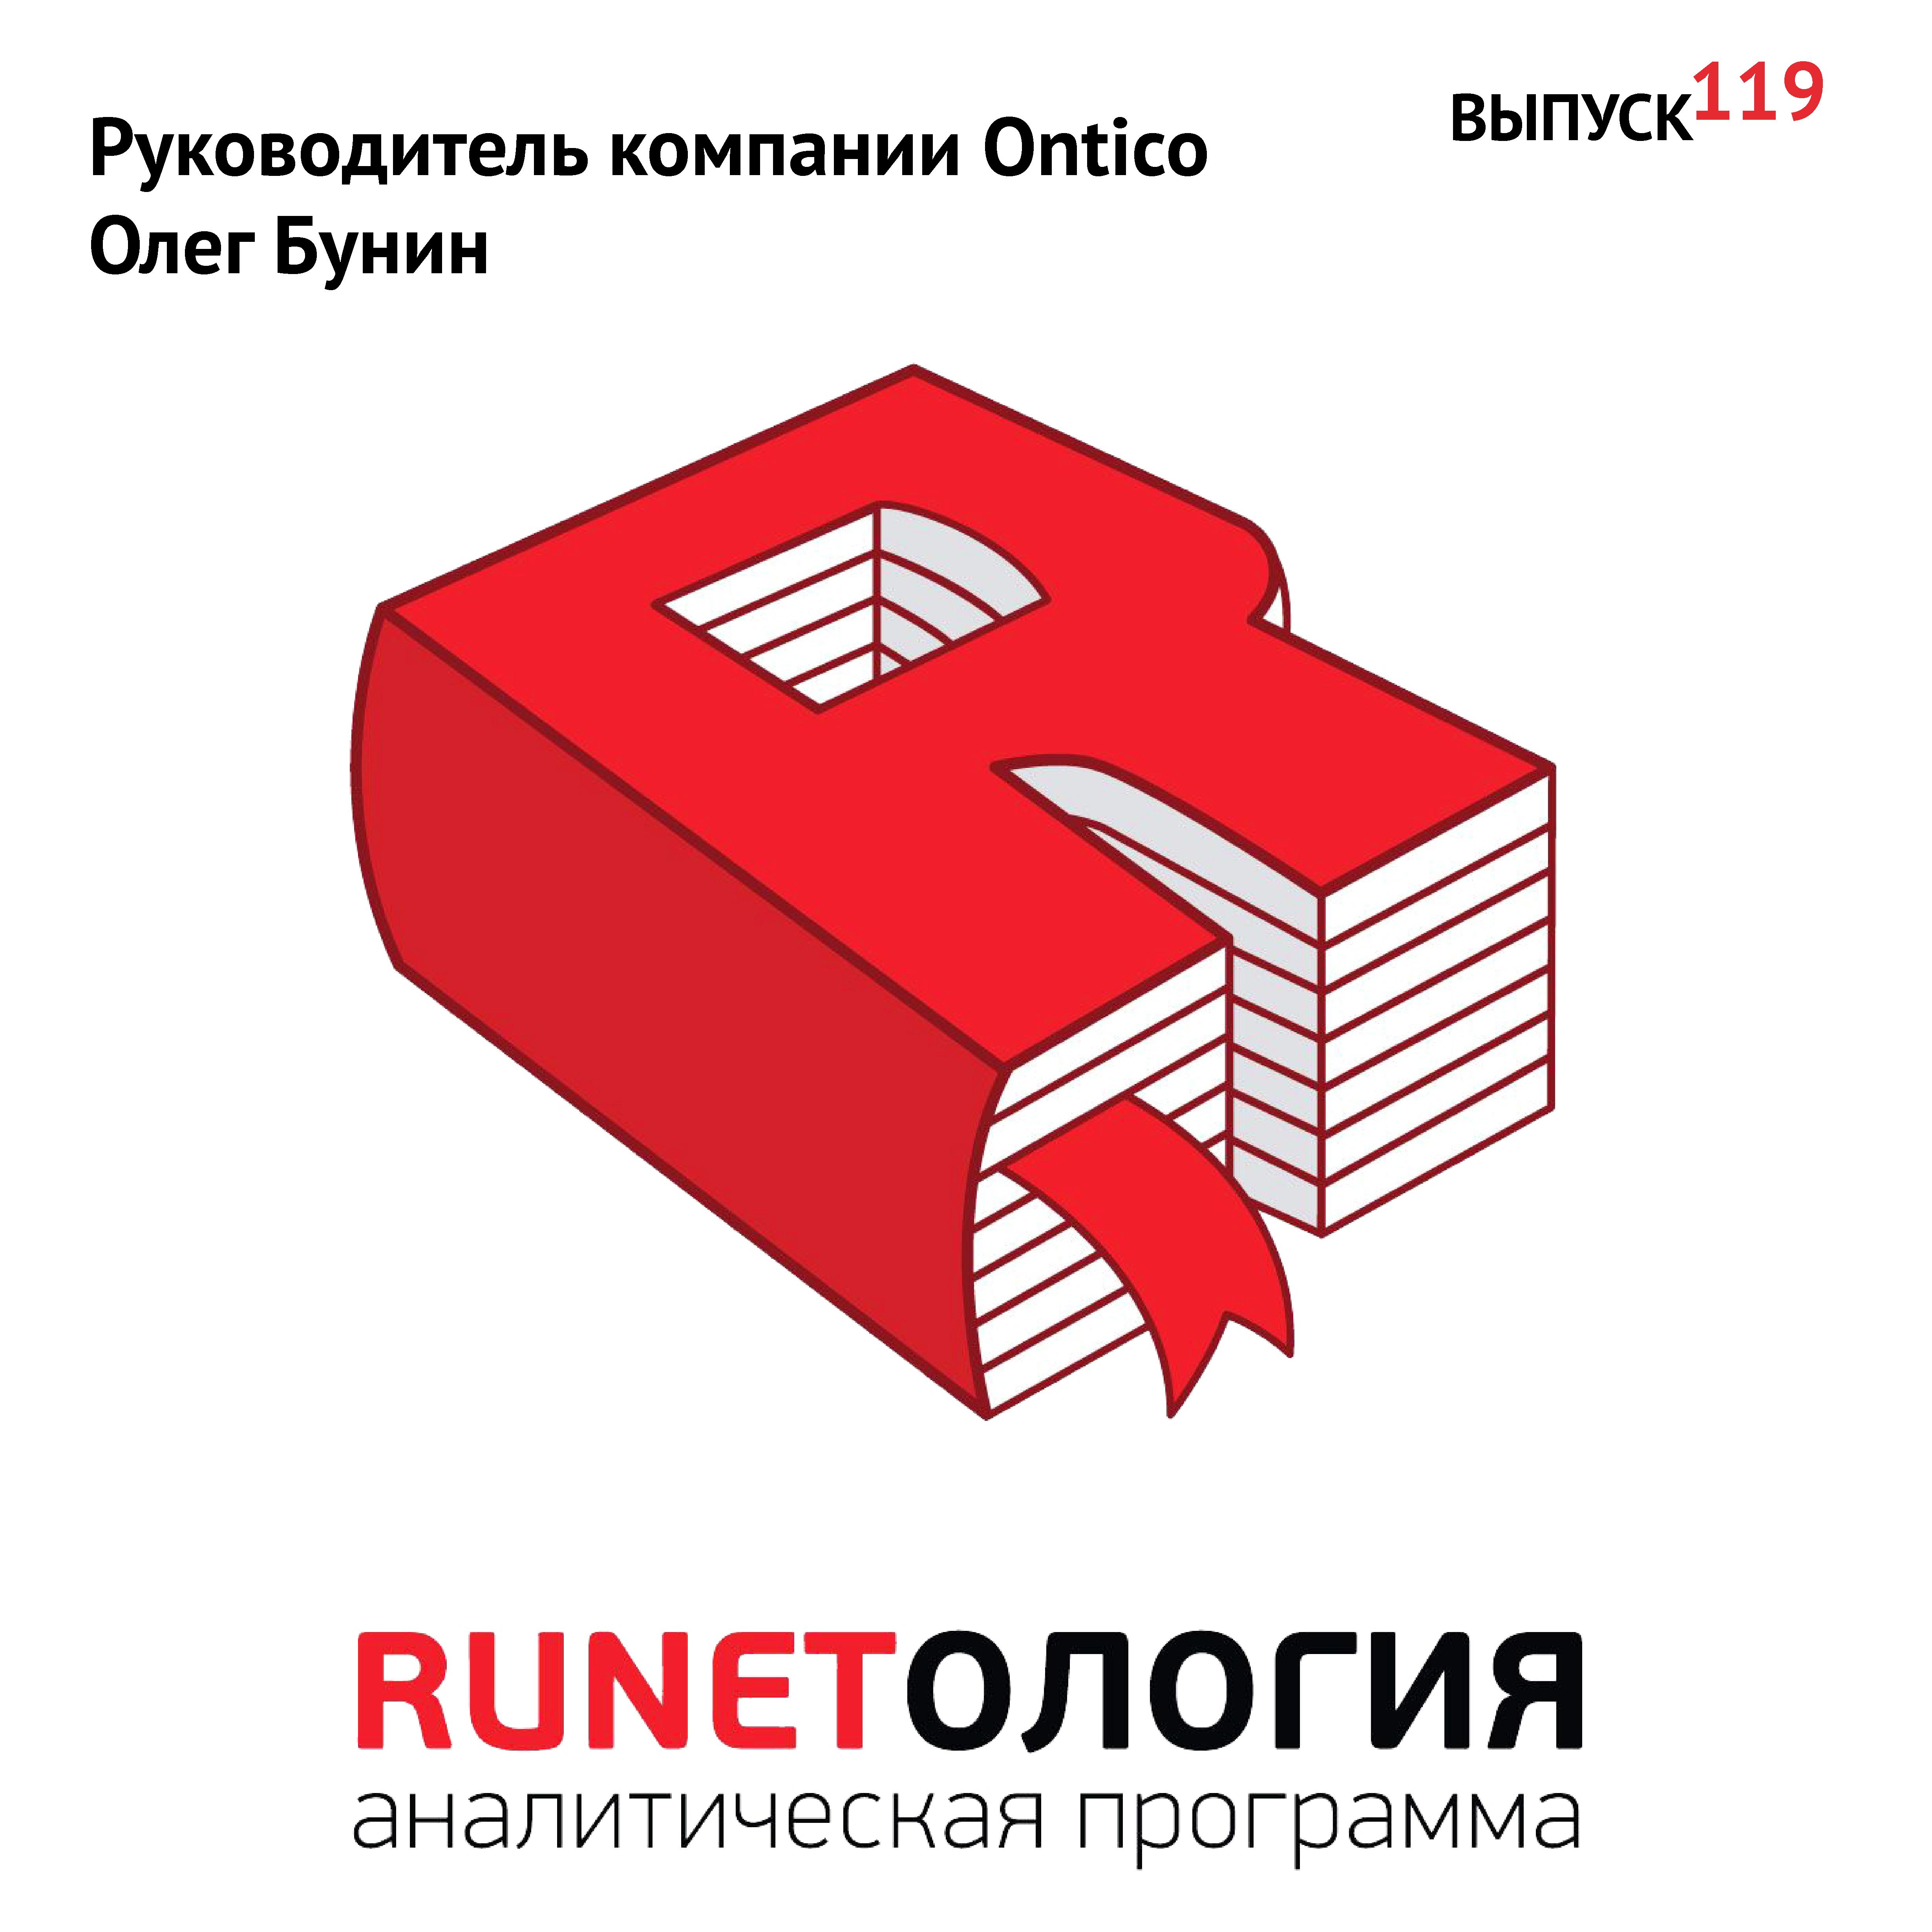 Максим Спиридонов Руководитель компании Ontico Олег Бунин